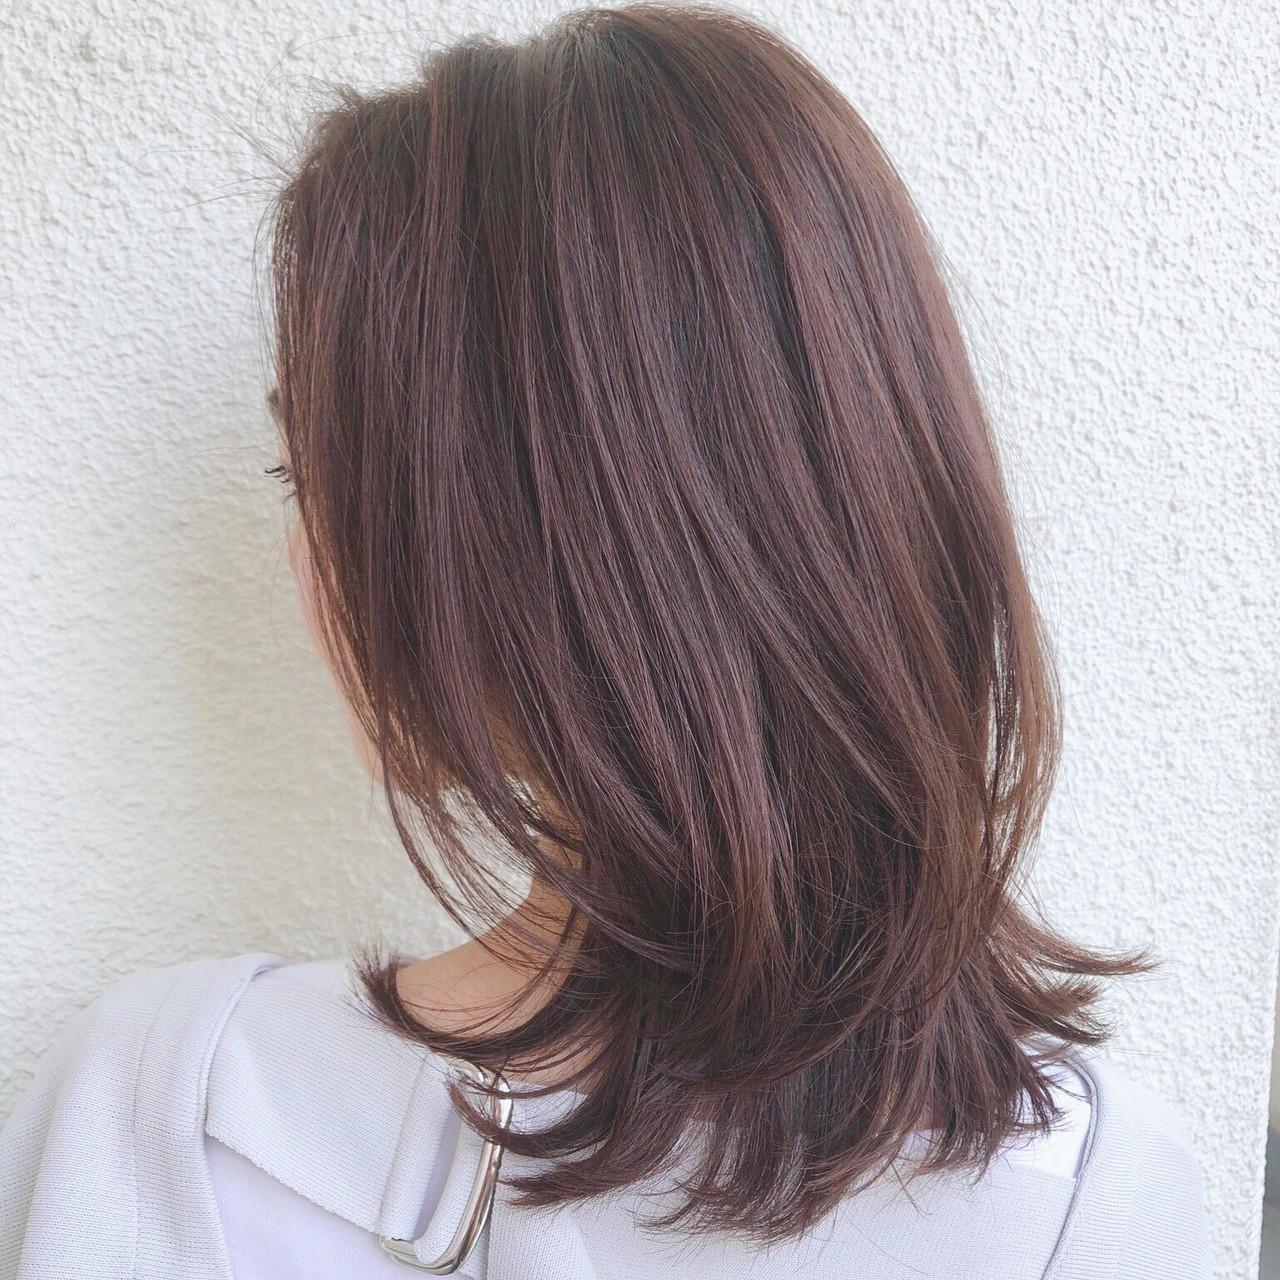 ミディアム 大人かわいい アウトドア アンニュイほつれヘア ヘアスタイルや髪型の写真・画像